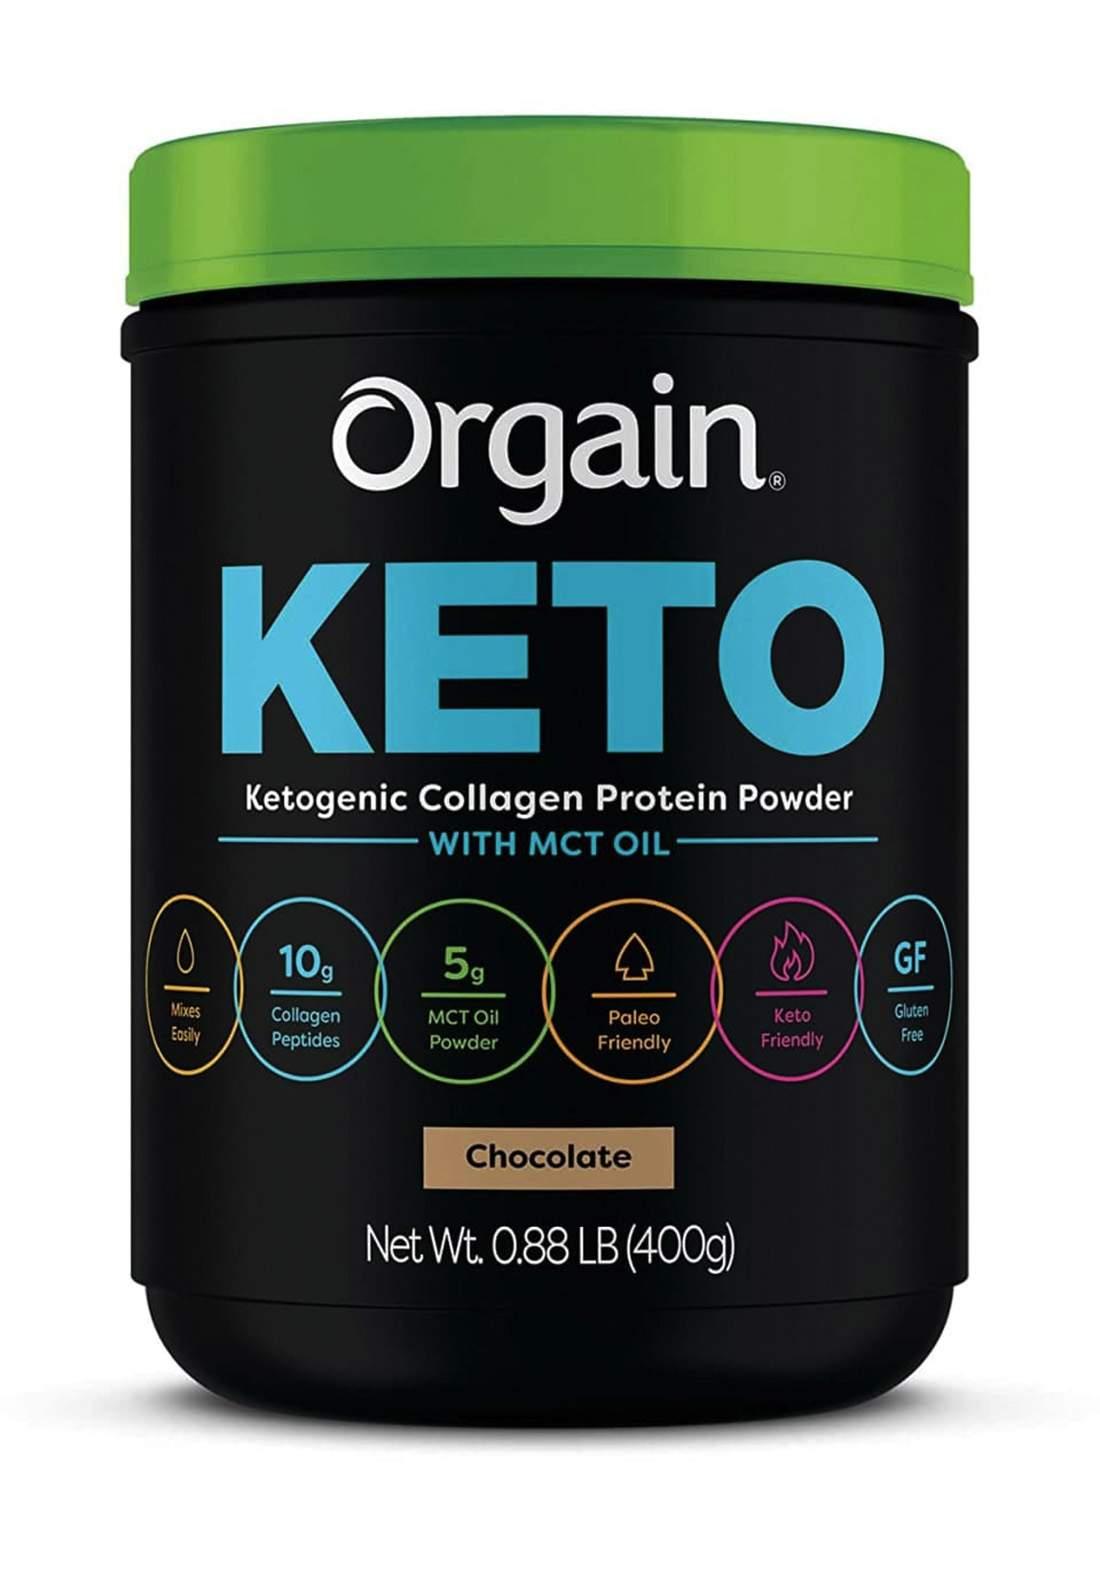 Orgain Keto Ketogenic Collagen Protein Powder Chocolate 400 g  مكمل غذائي